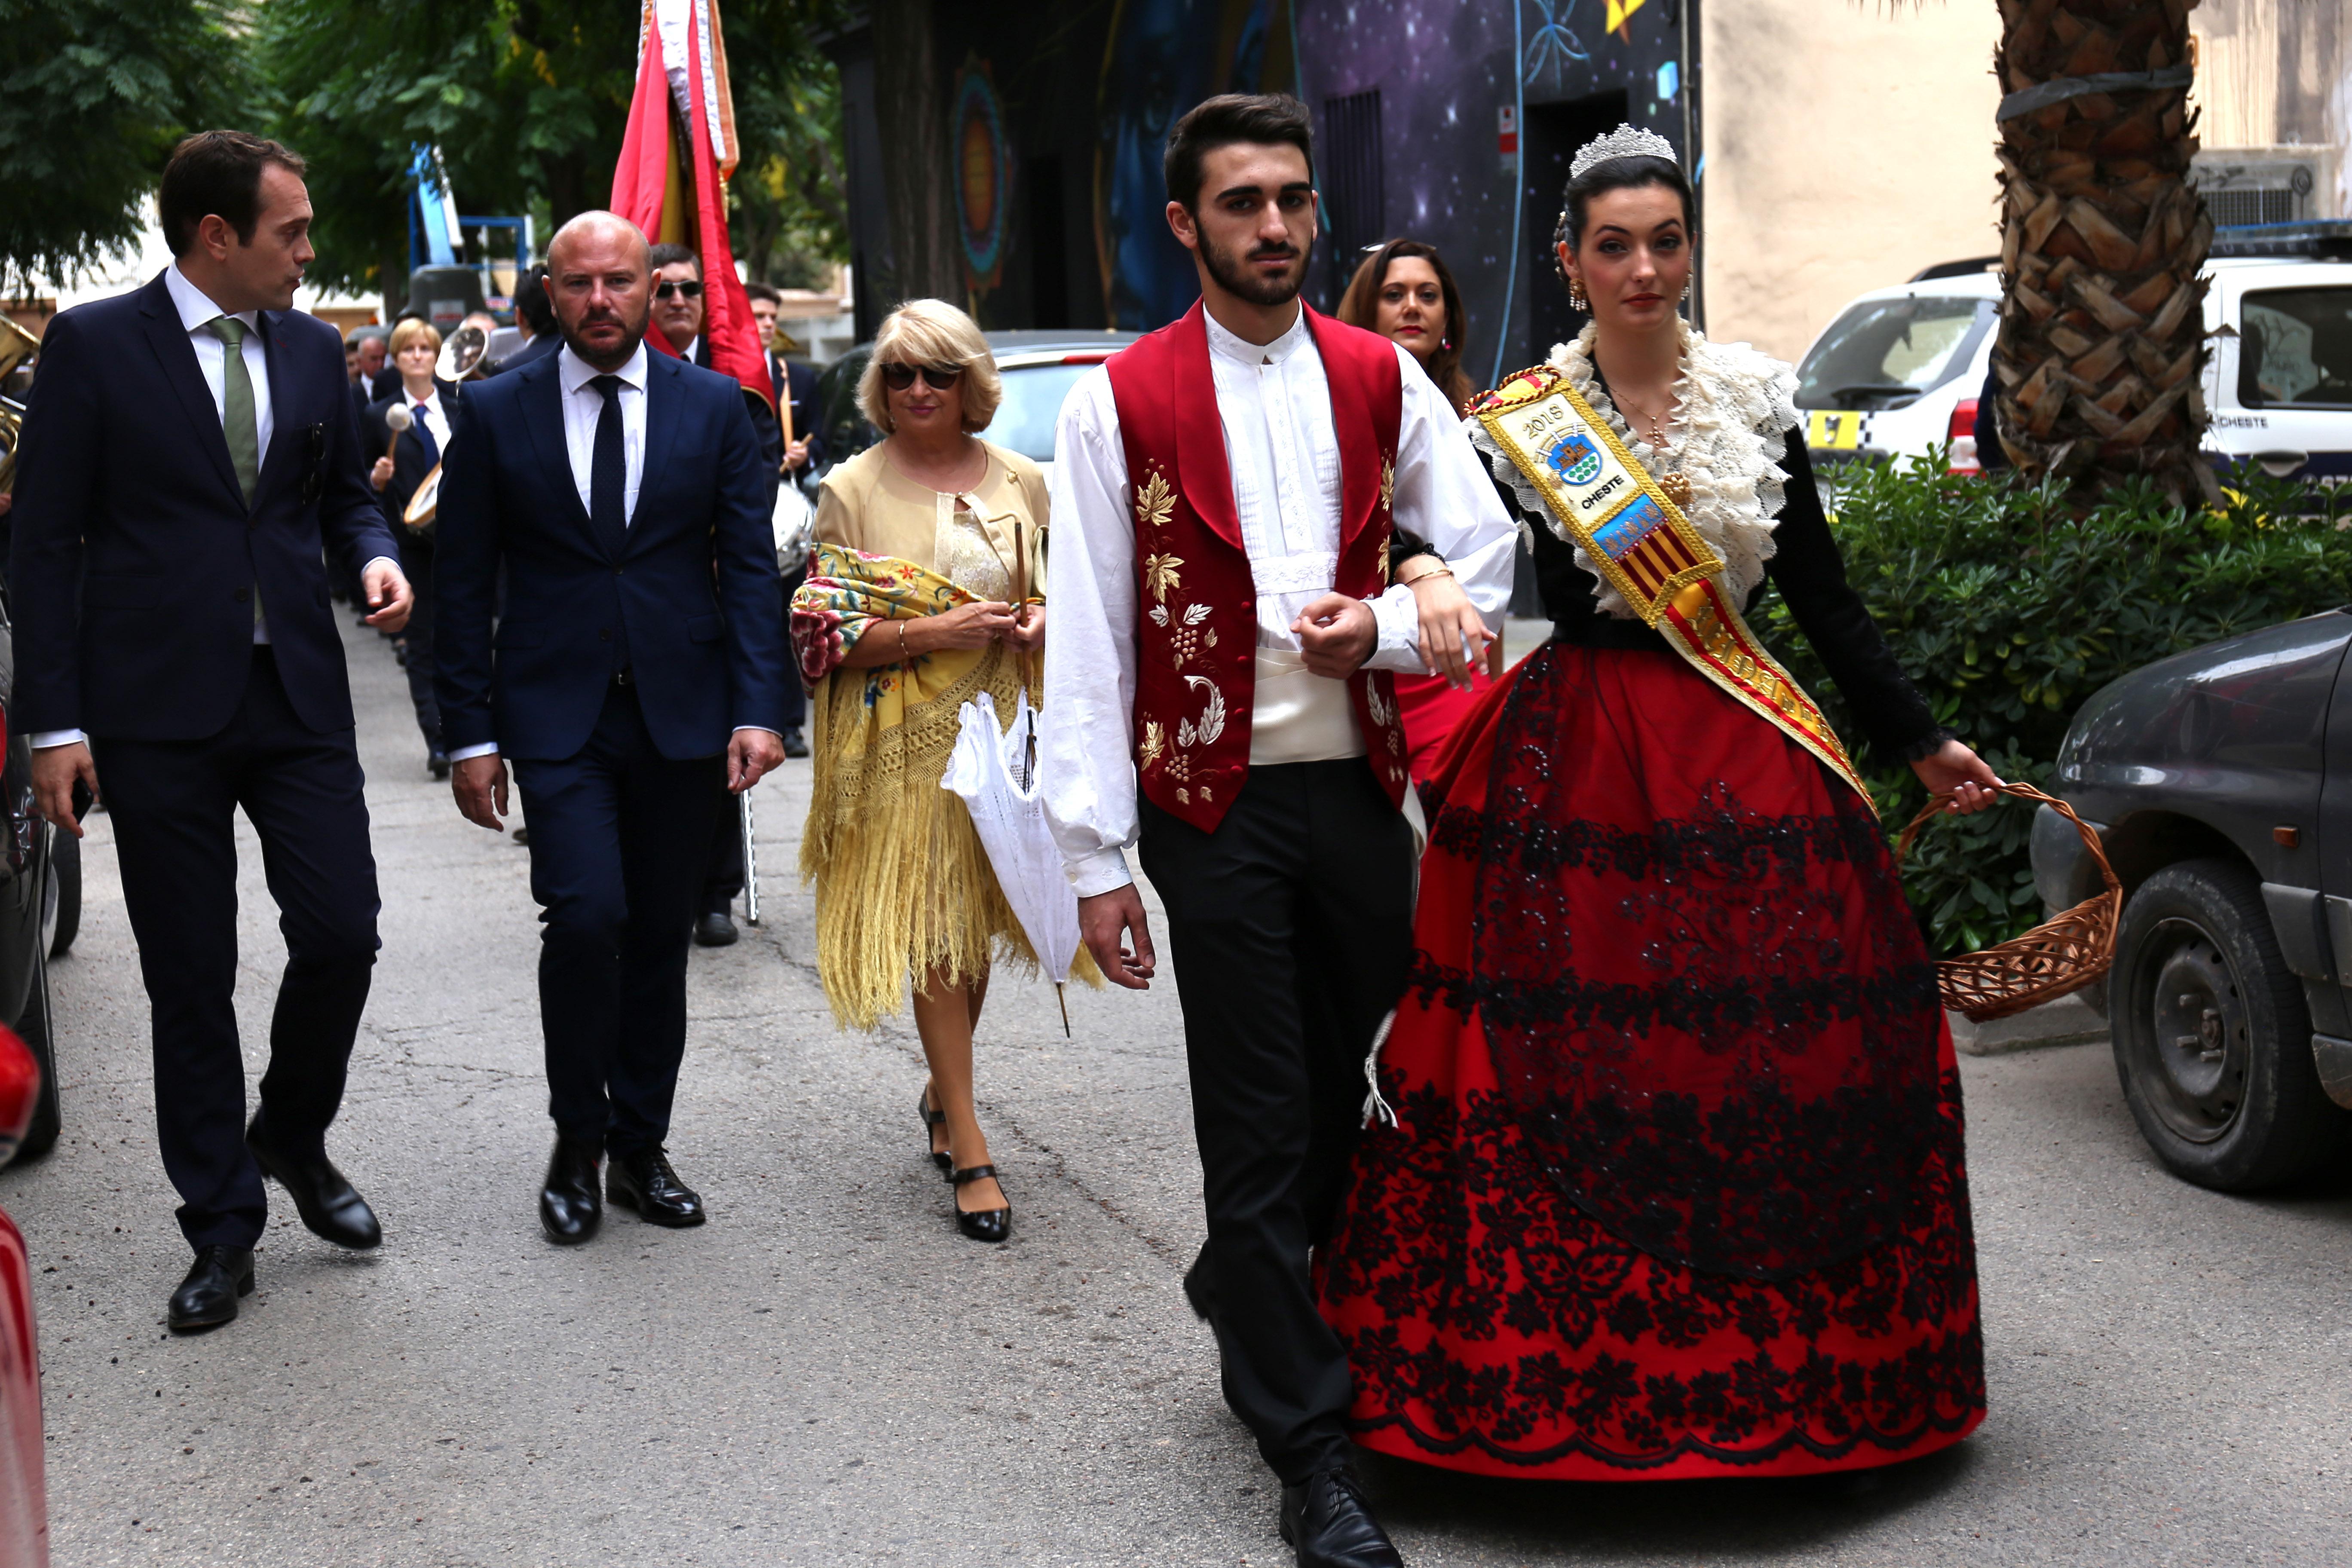 El presidente de la Diputación de Valencia, Toni Gaspar, durante el Desfile del Día de la Flor.